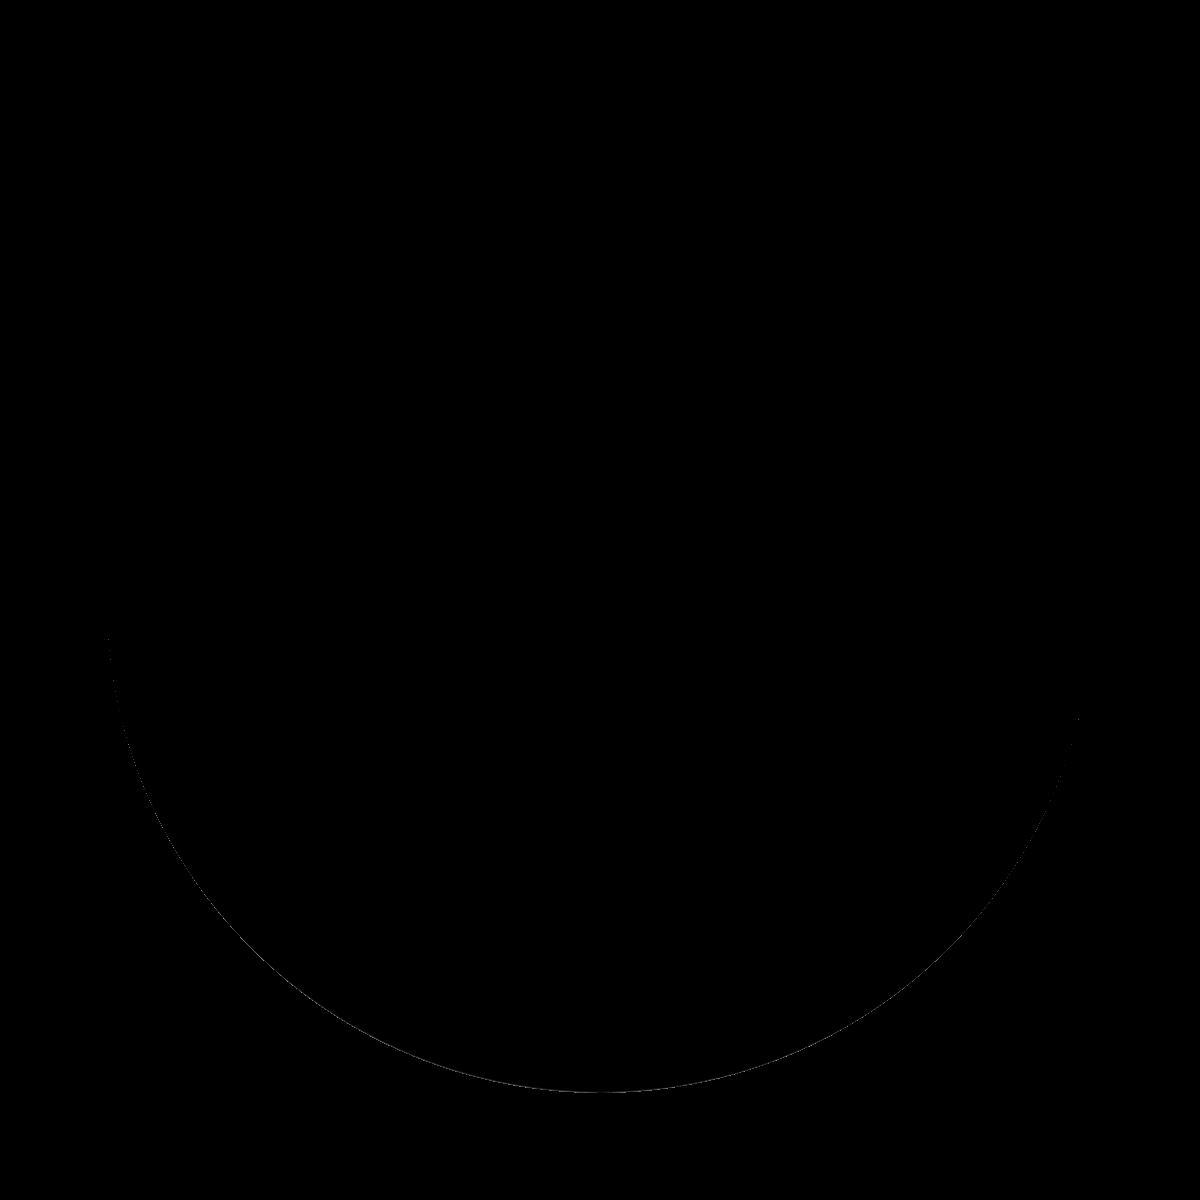 Lune du 28 octobre 2019